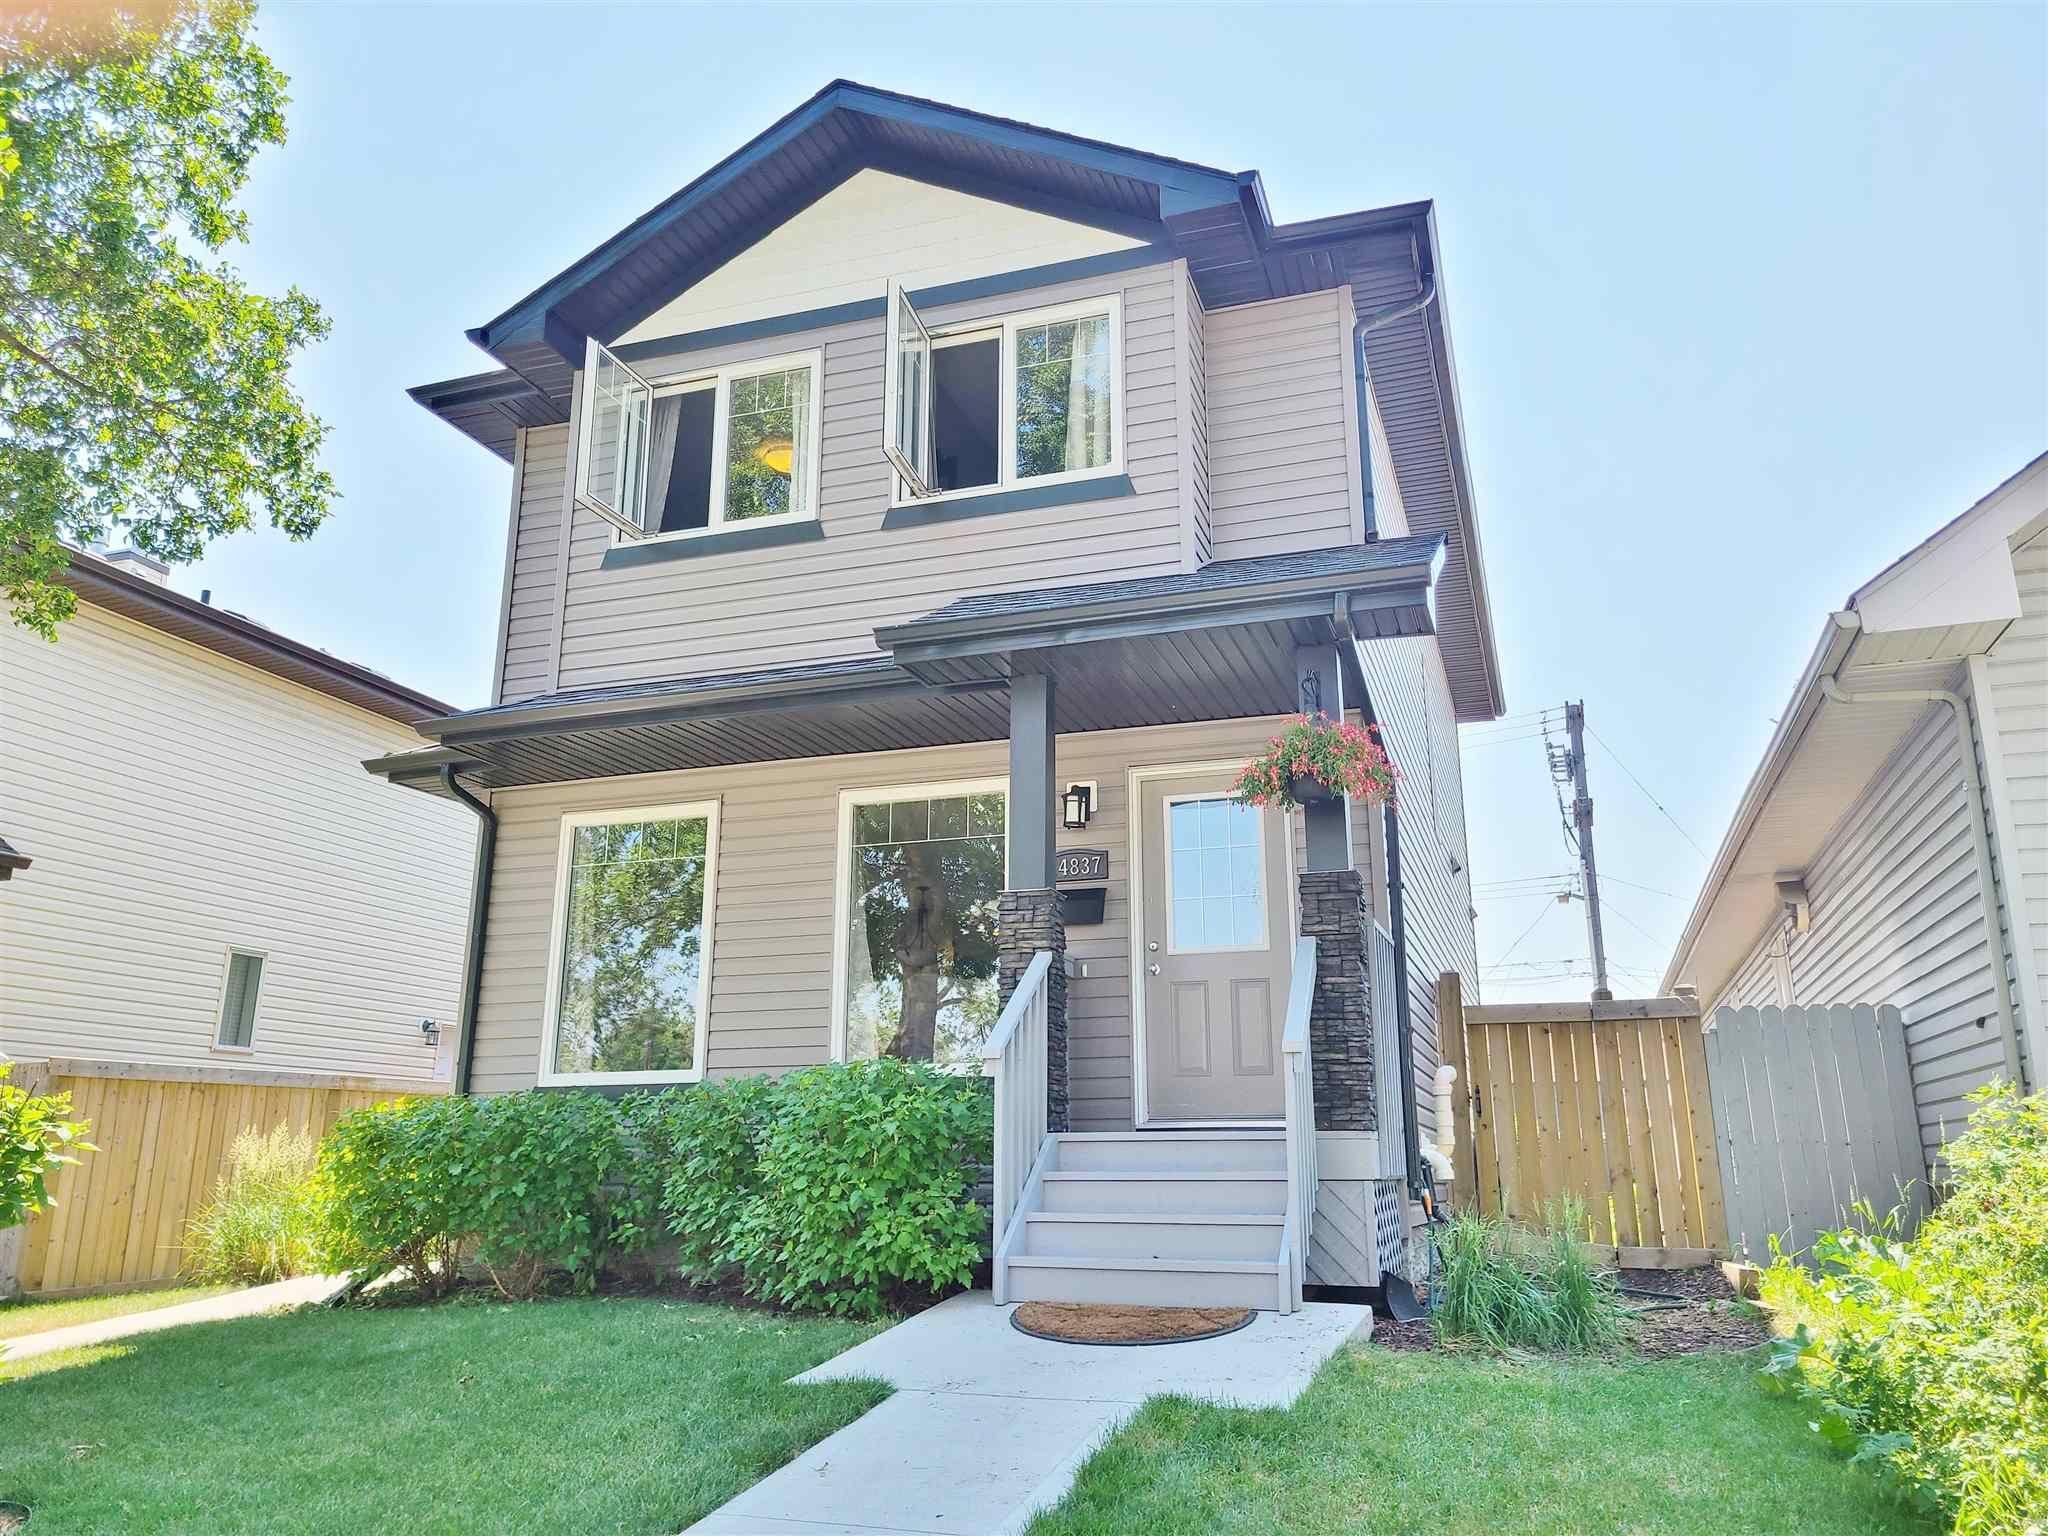 Main Photo: 14837 103 Avenue in Edmonton: Zone 21 House Half Duplex for sale : MLS®# E4254685